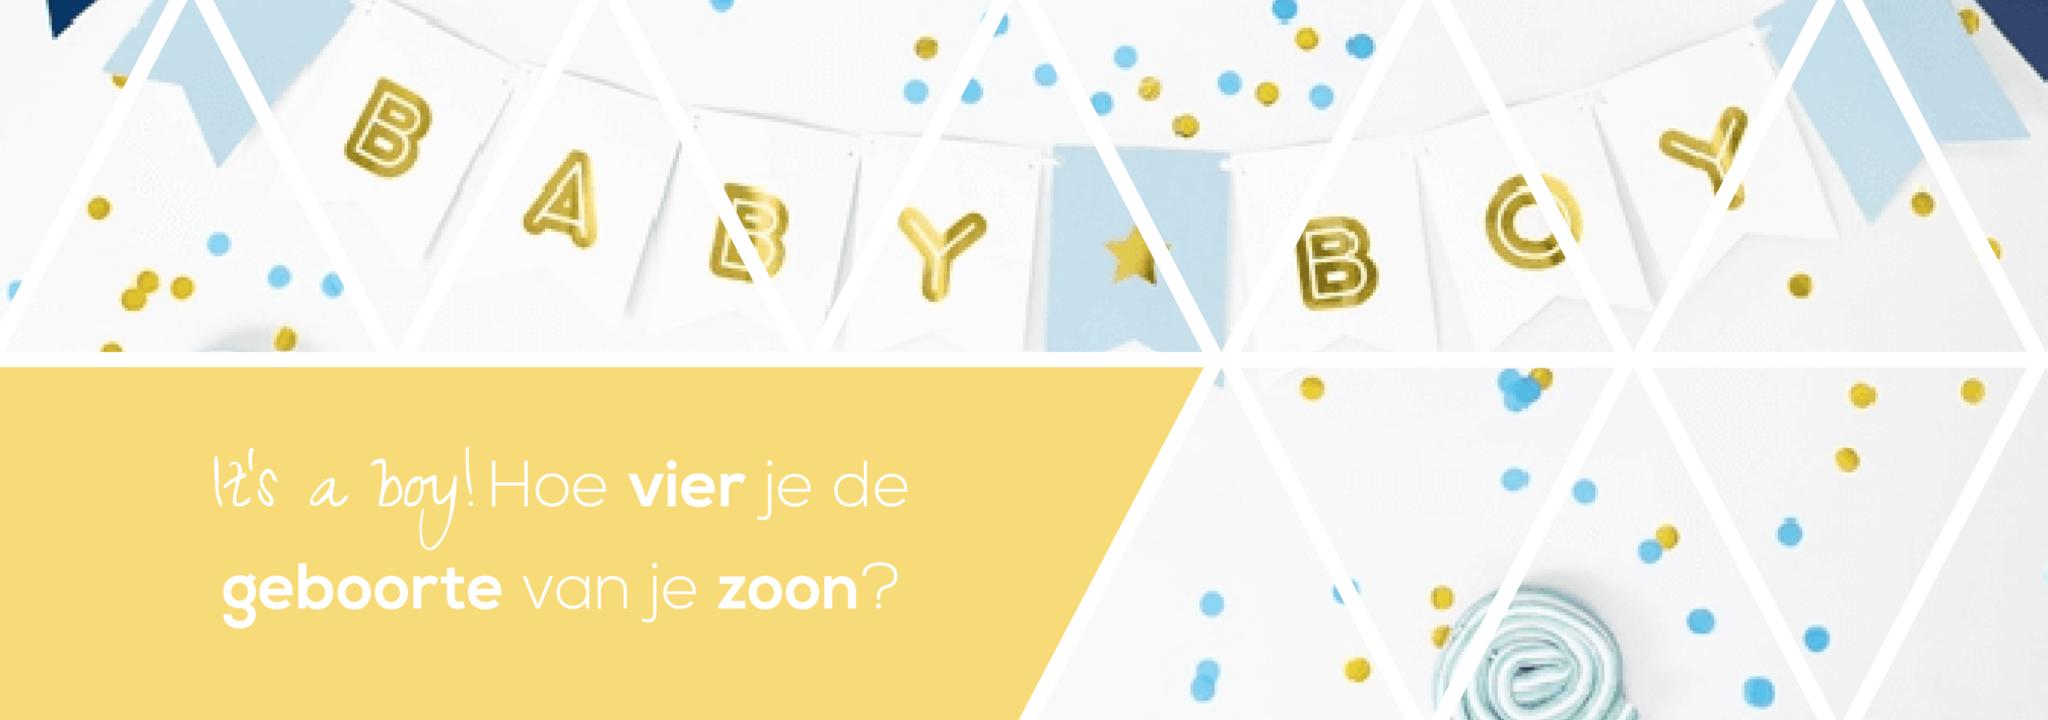 It's a boy! Tips voor het organiseren van een babyborrel of kraamfeest